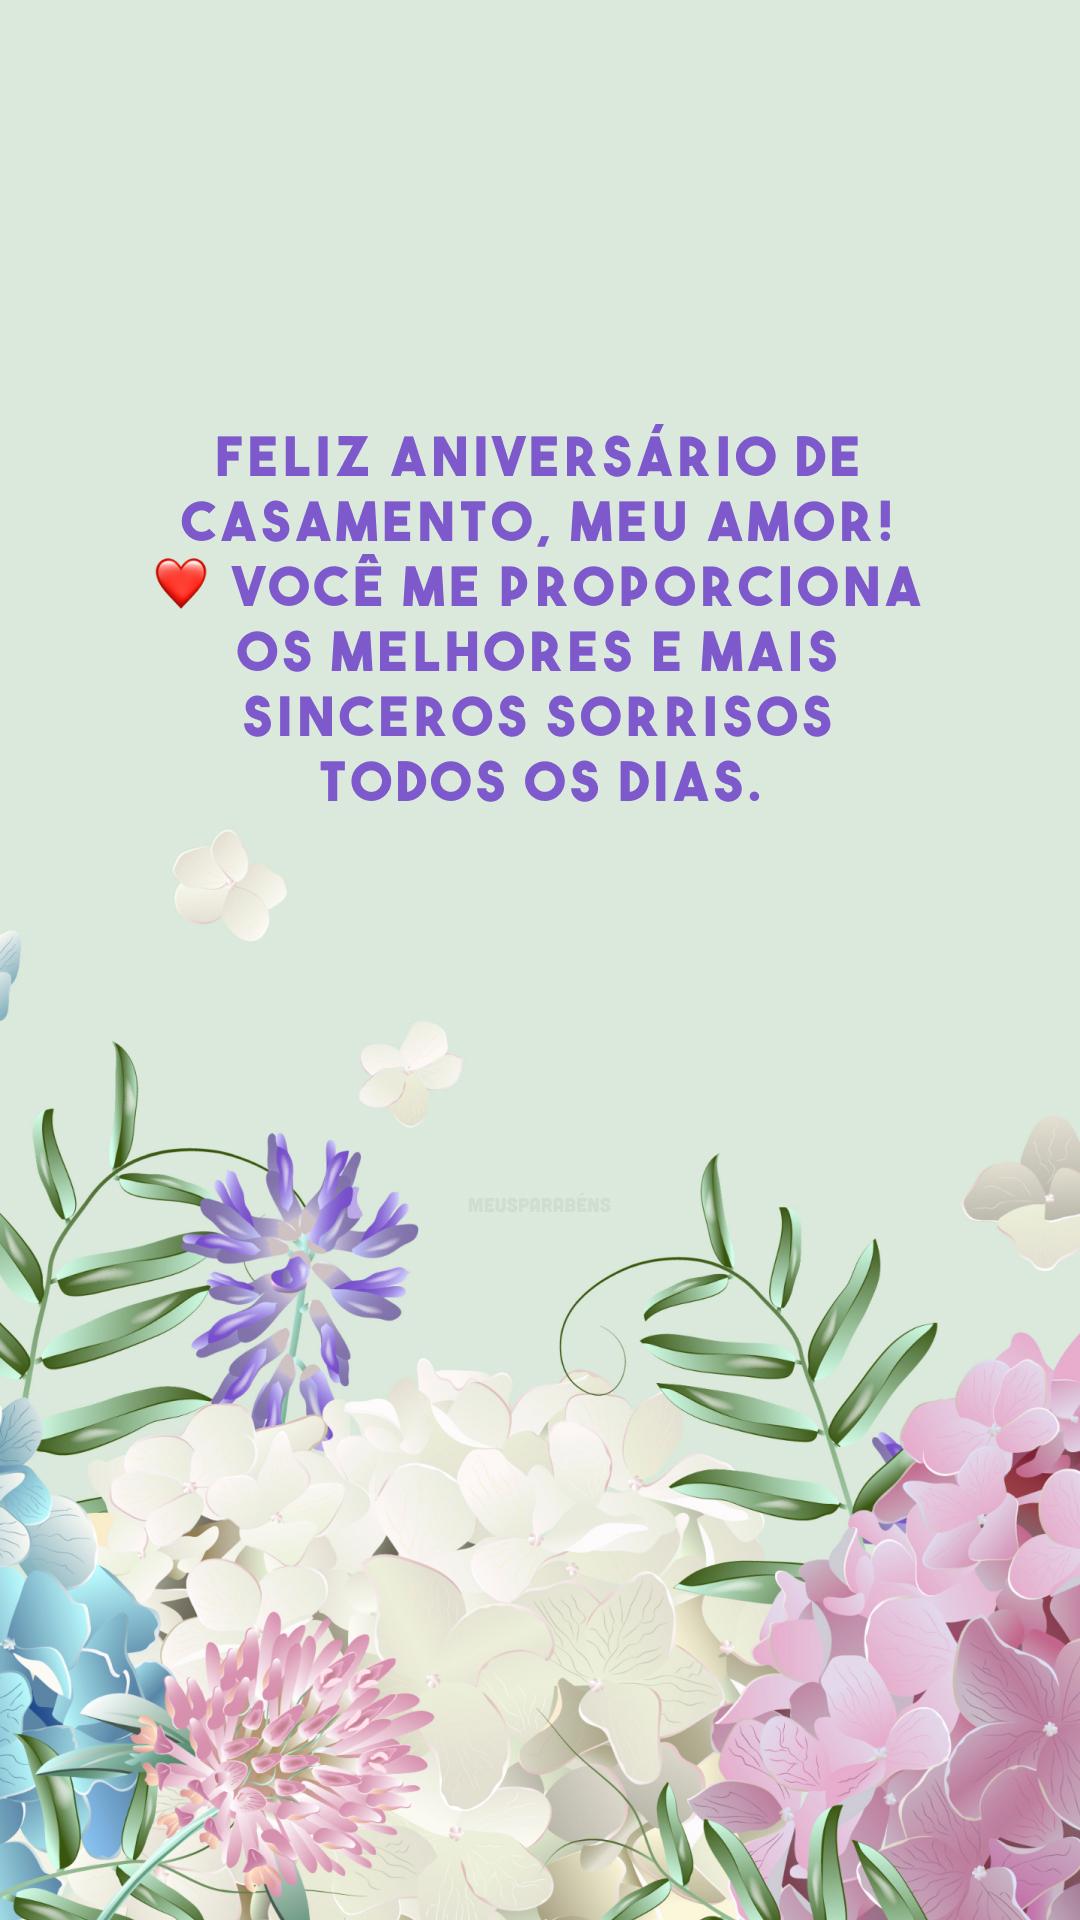 Feliz aniversário de casamento, meu amor! ❤️ Você me proporciona os melhores e mais sinceros sorrisos todos os dias.